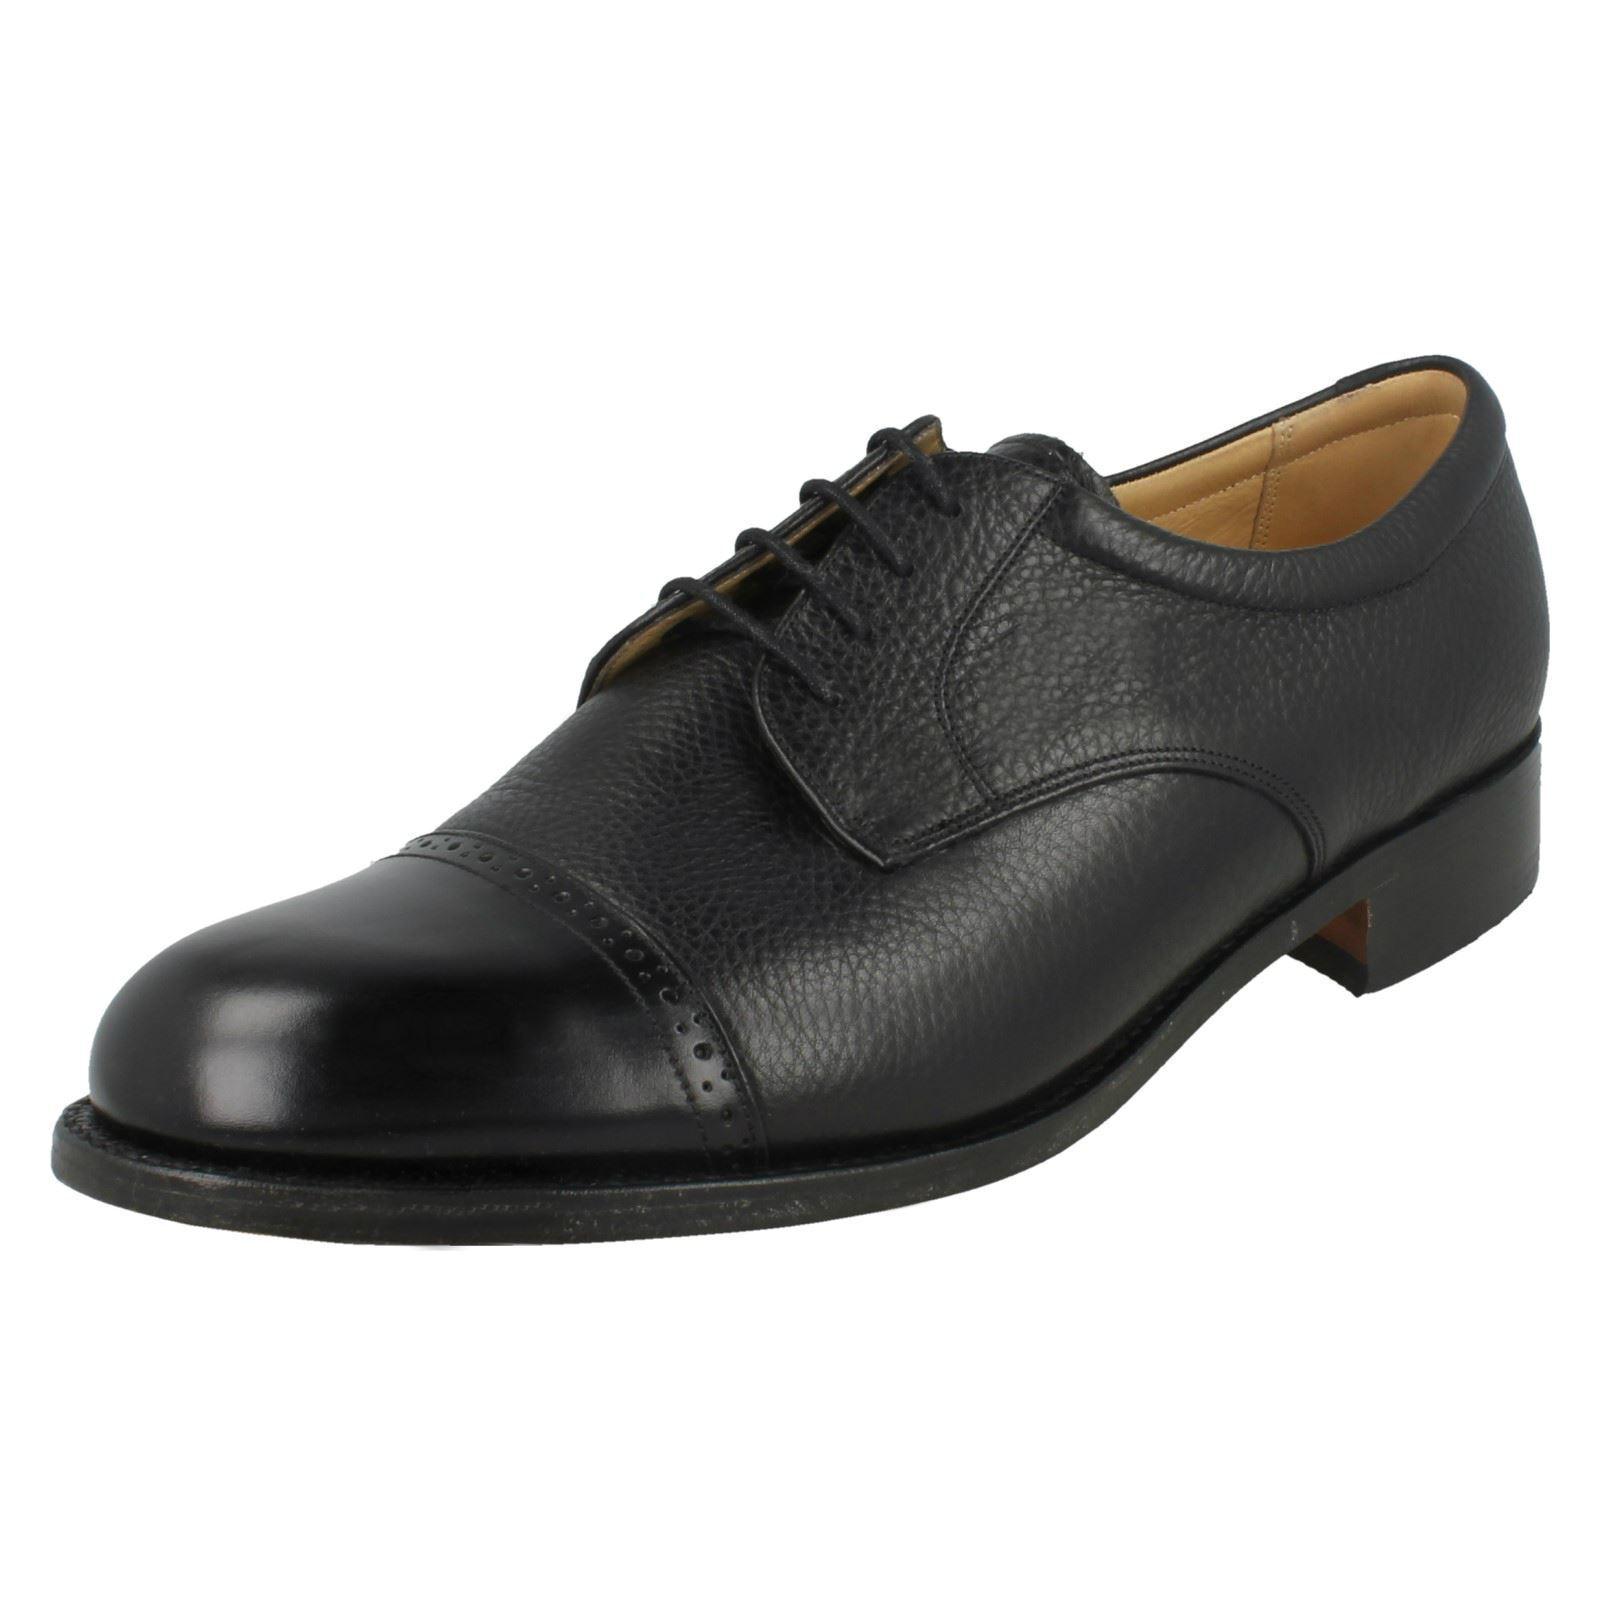 Gran descuento Zapatos Estilo Barker Para Hombre Formales-Staines